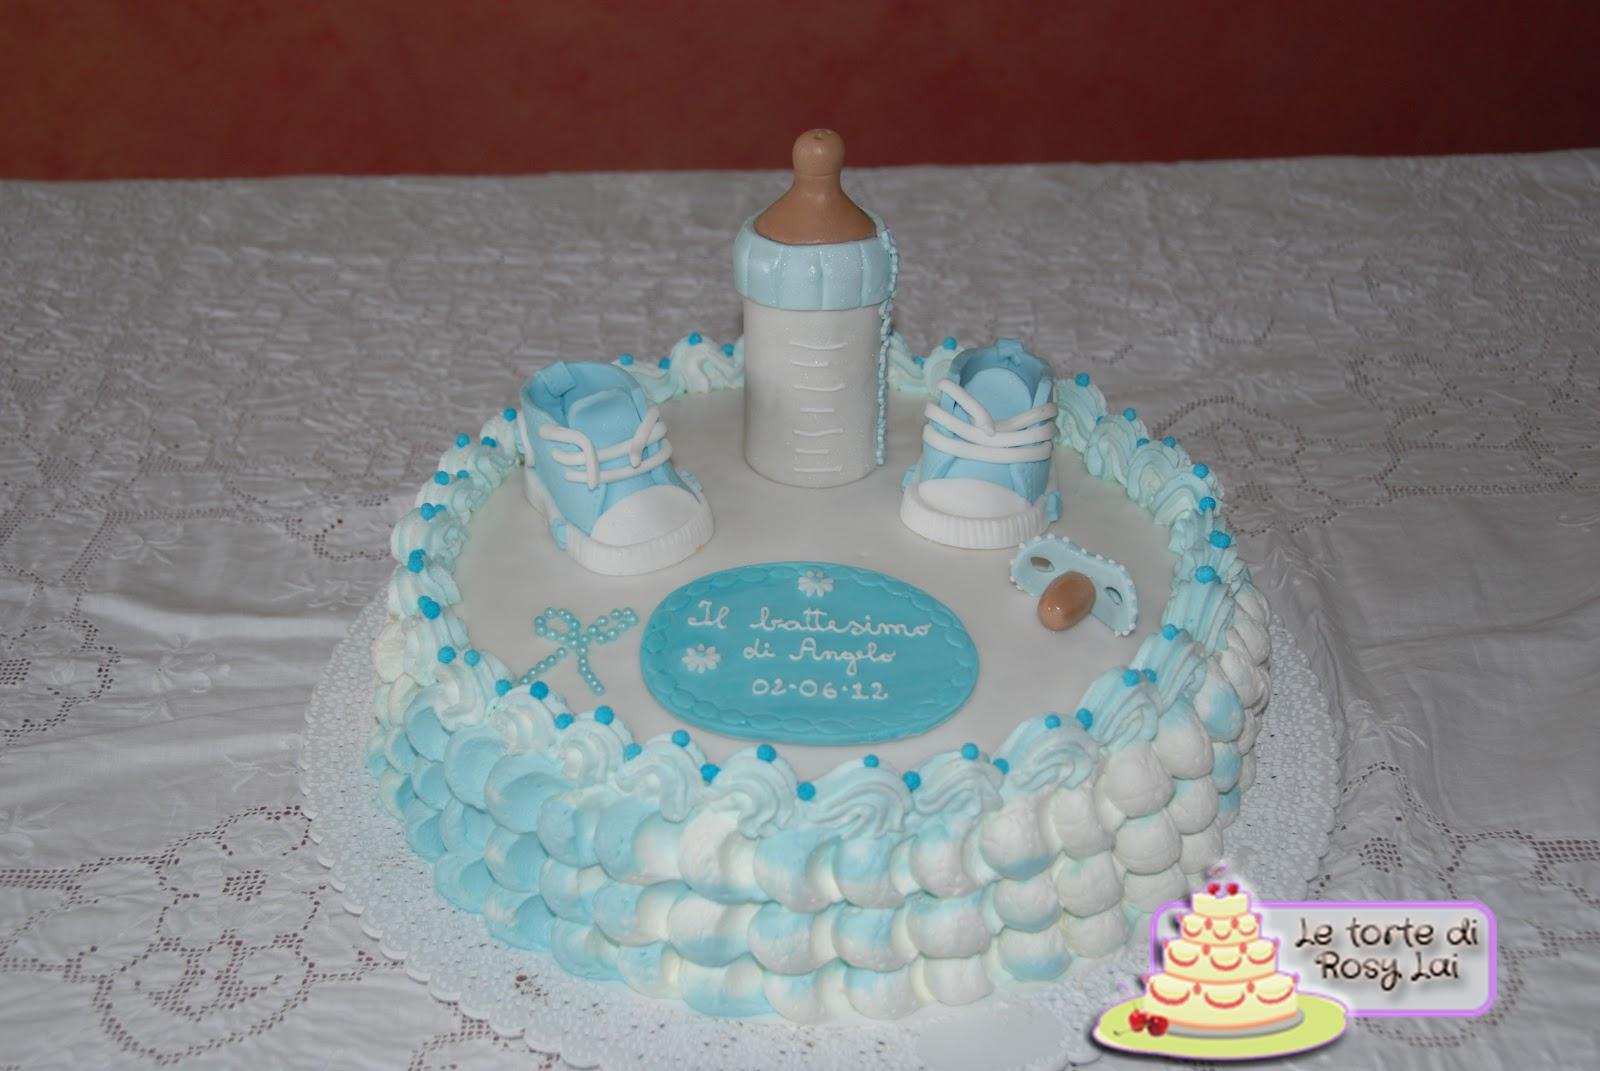 Ben noto LE TORTE DI ROSY LAI: Torta battesimo con ciuccio,biberon e  YS58